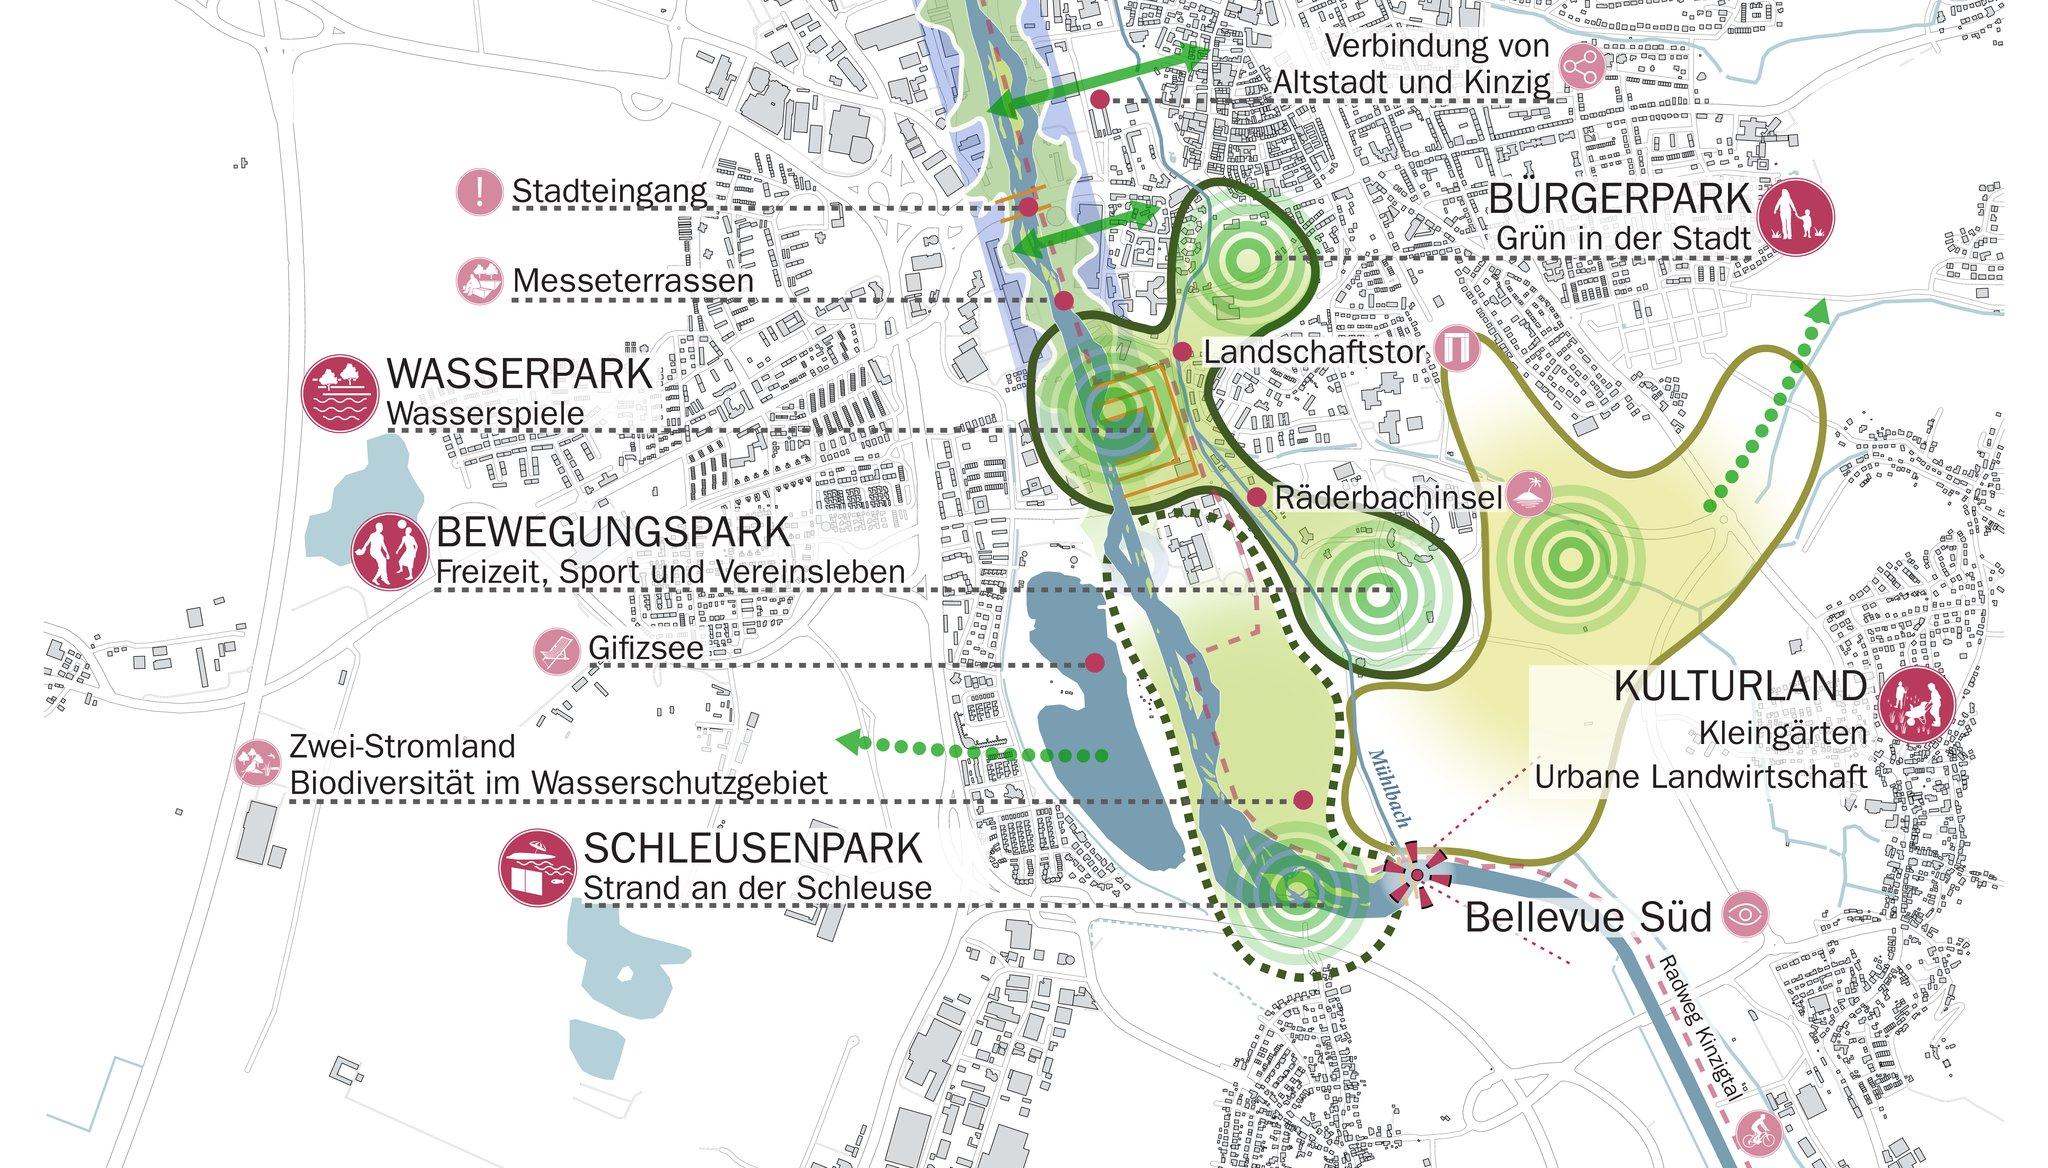 Landesgartenschau-Pläne: Kinzig-Renaturierung als zentrales Vorhaben ...